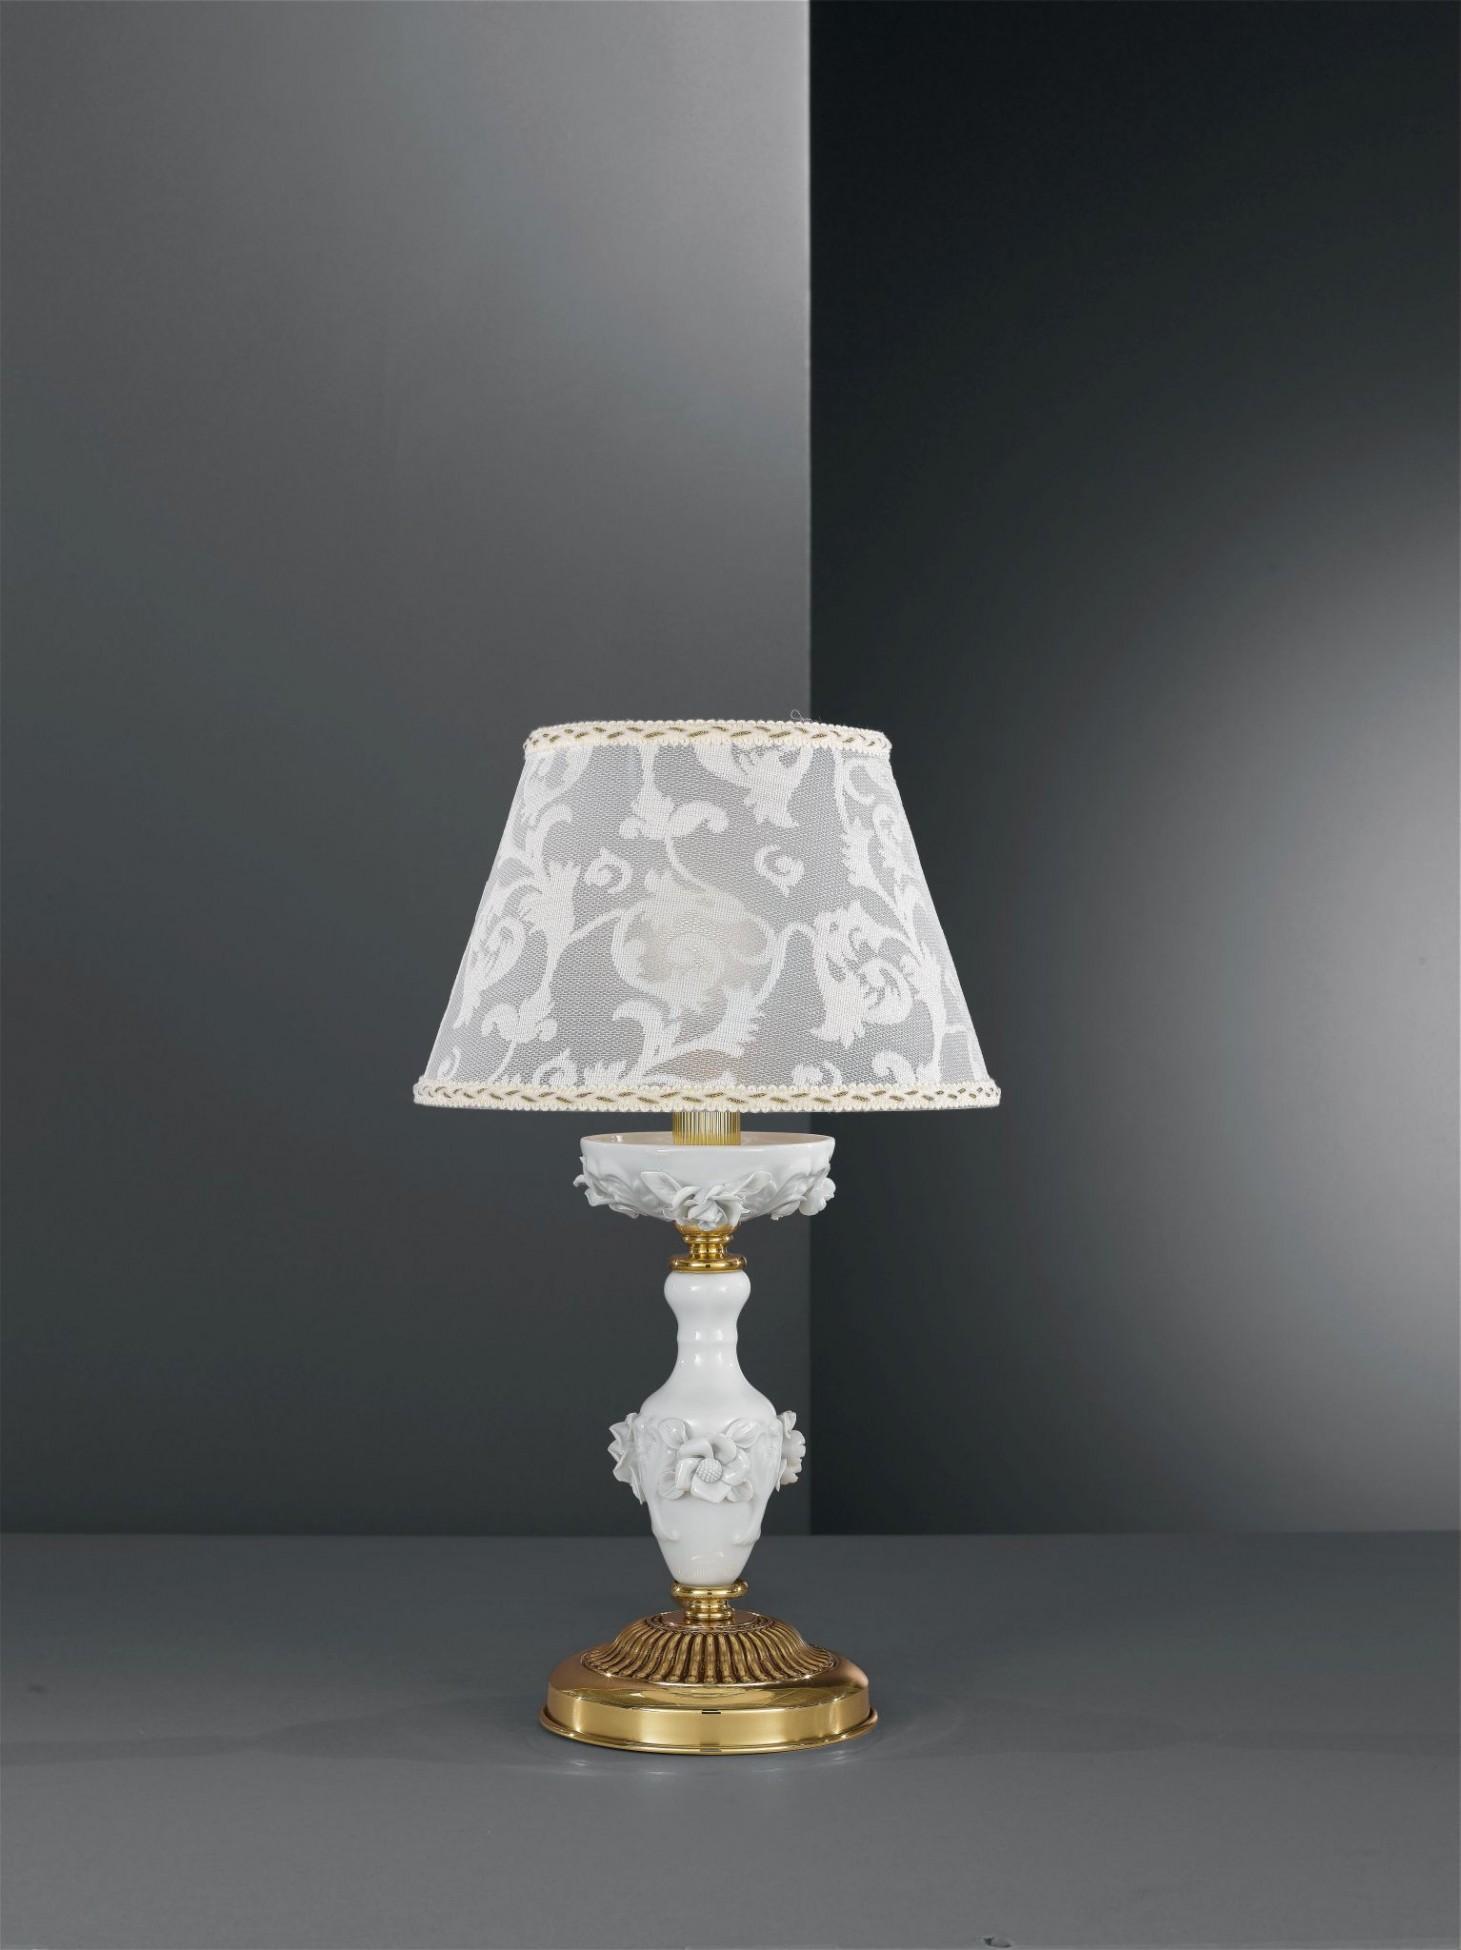 Lampada da comodino oro francese p reccagni store for Lampada comodino